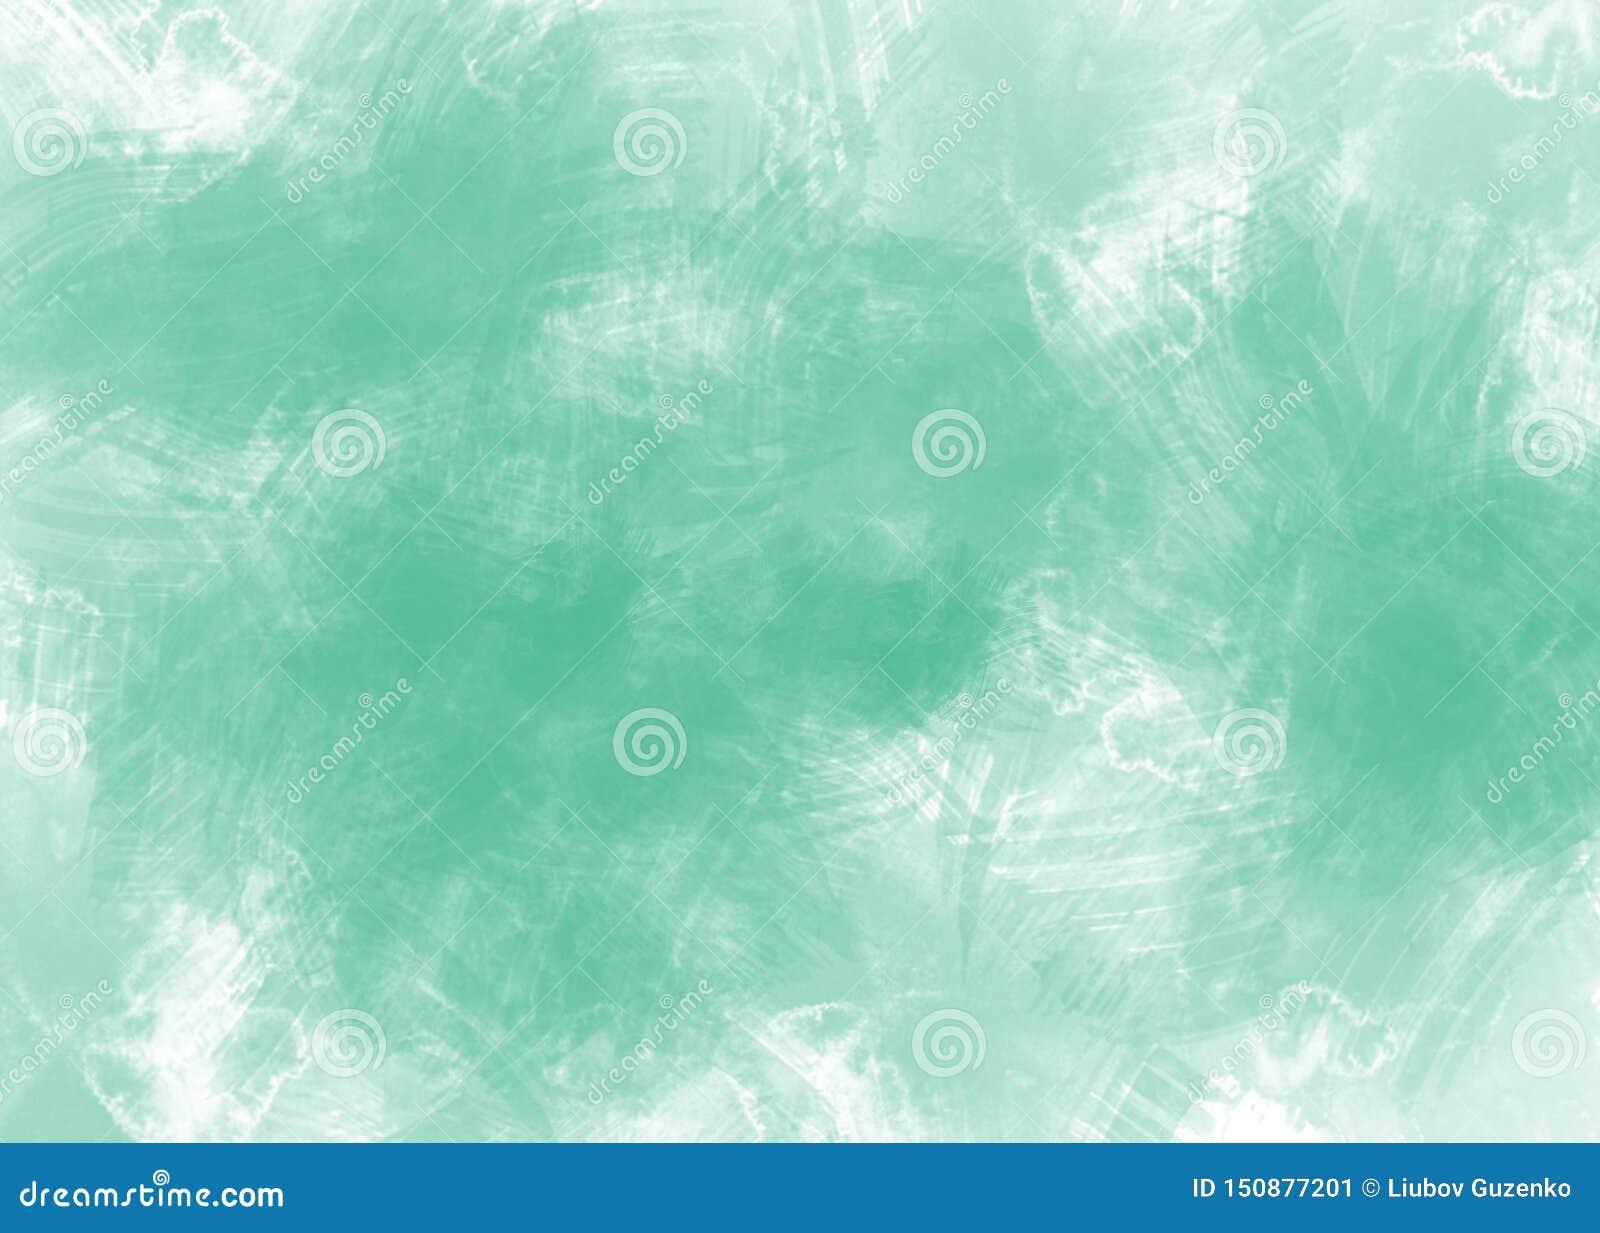 Αφηρημένο πράσινο υπόβαθρο watercolor στη Λευκή Βίβλο